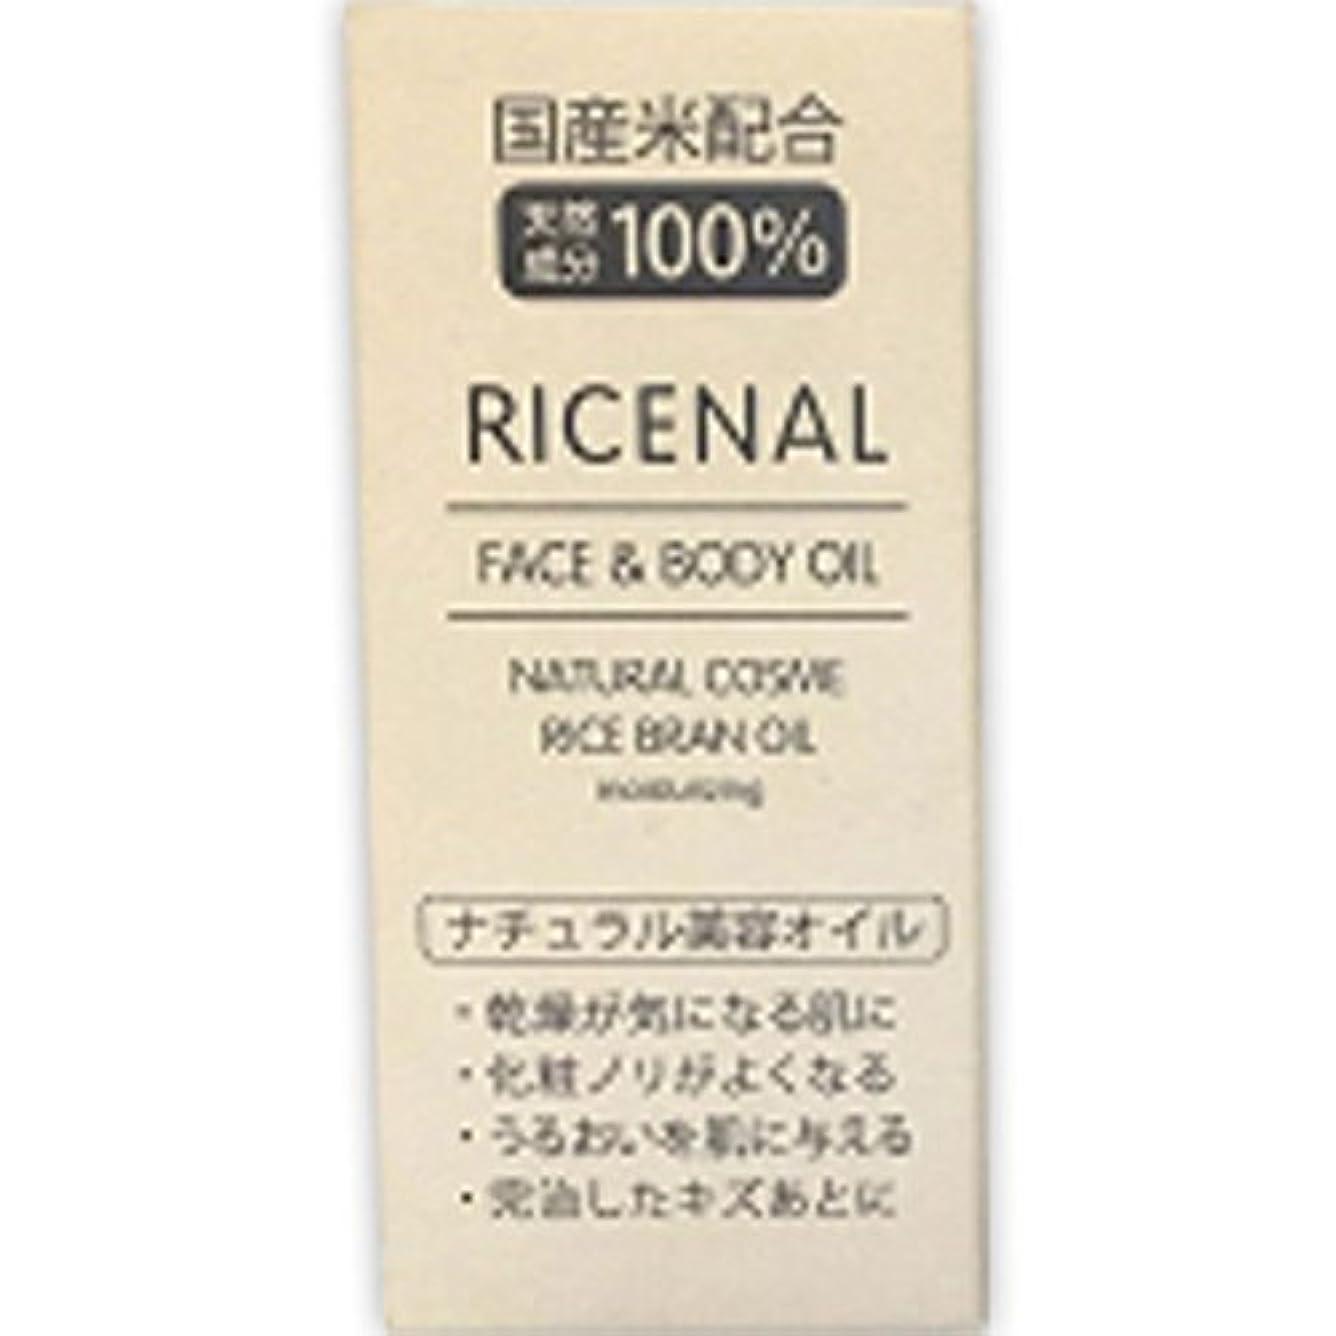 超高層ビルシャーリムリセナル 美容オイル ミニサイズ (無香料) 20mL